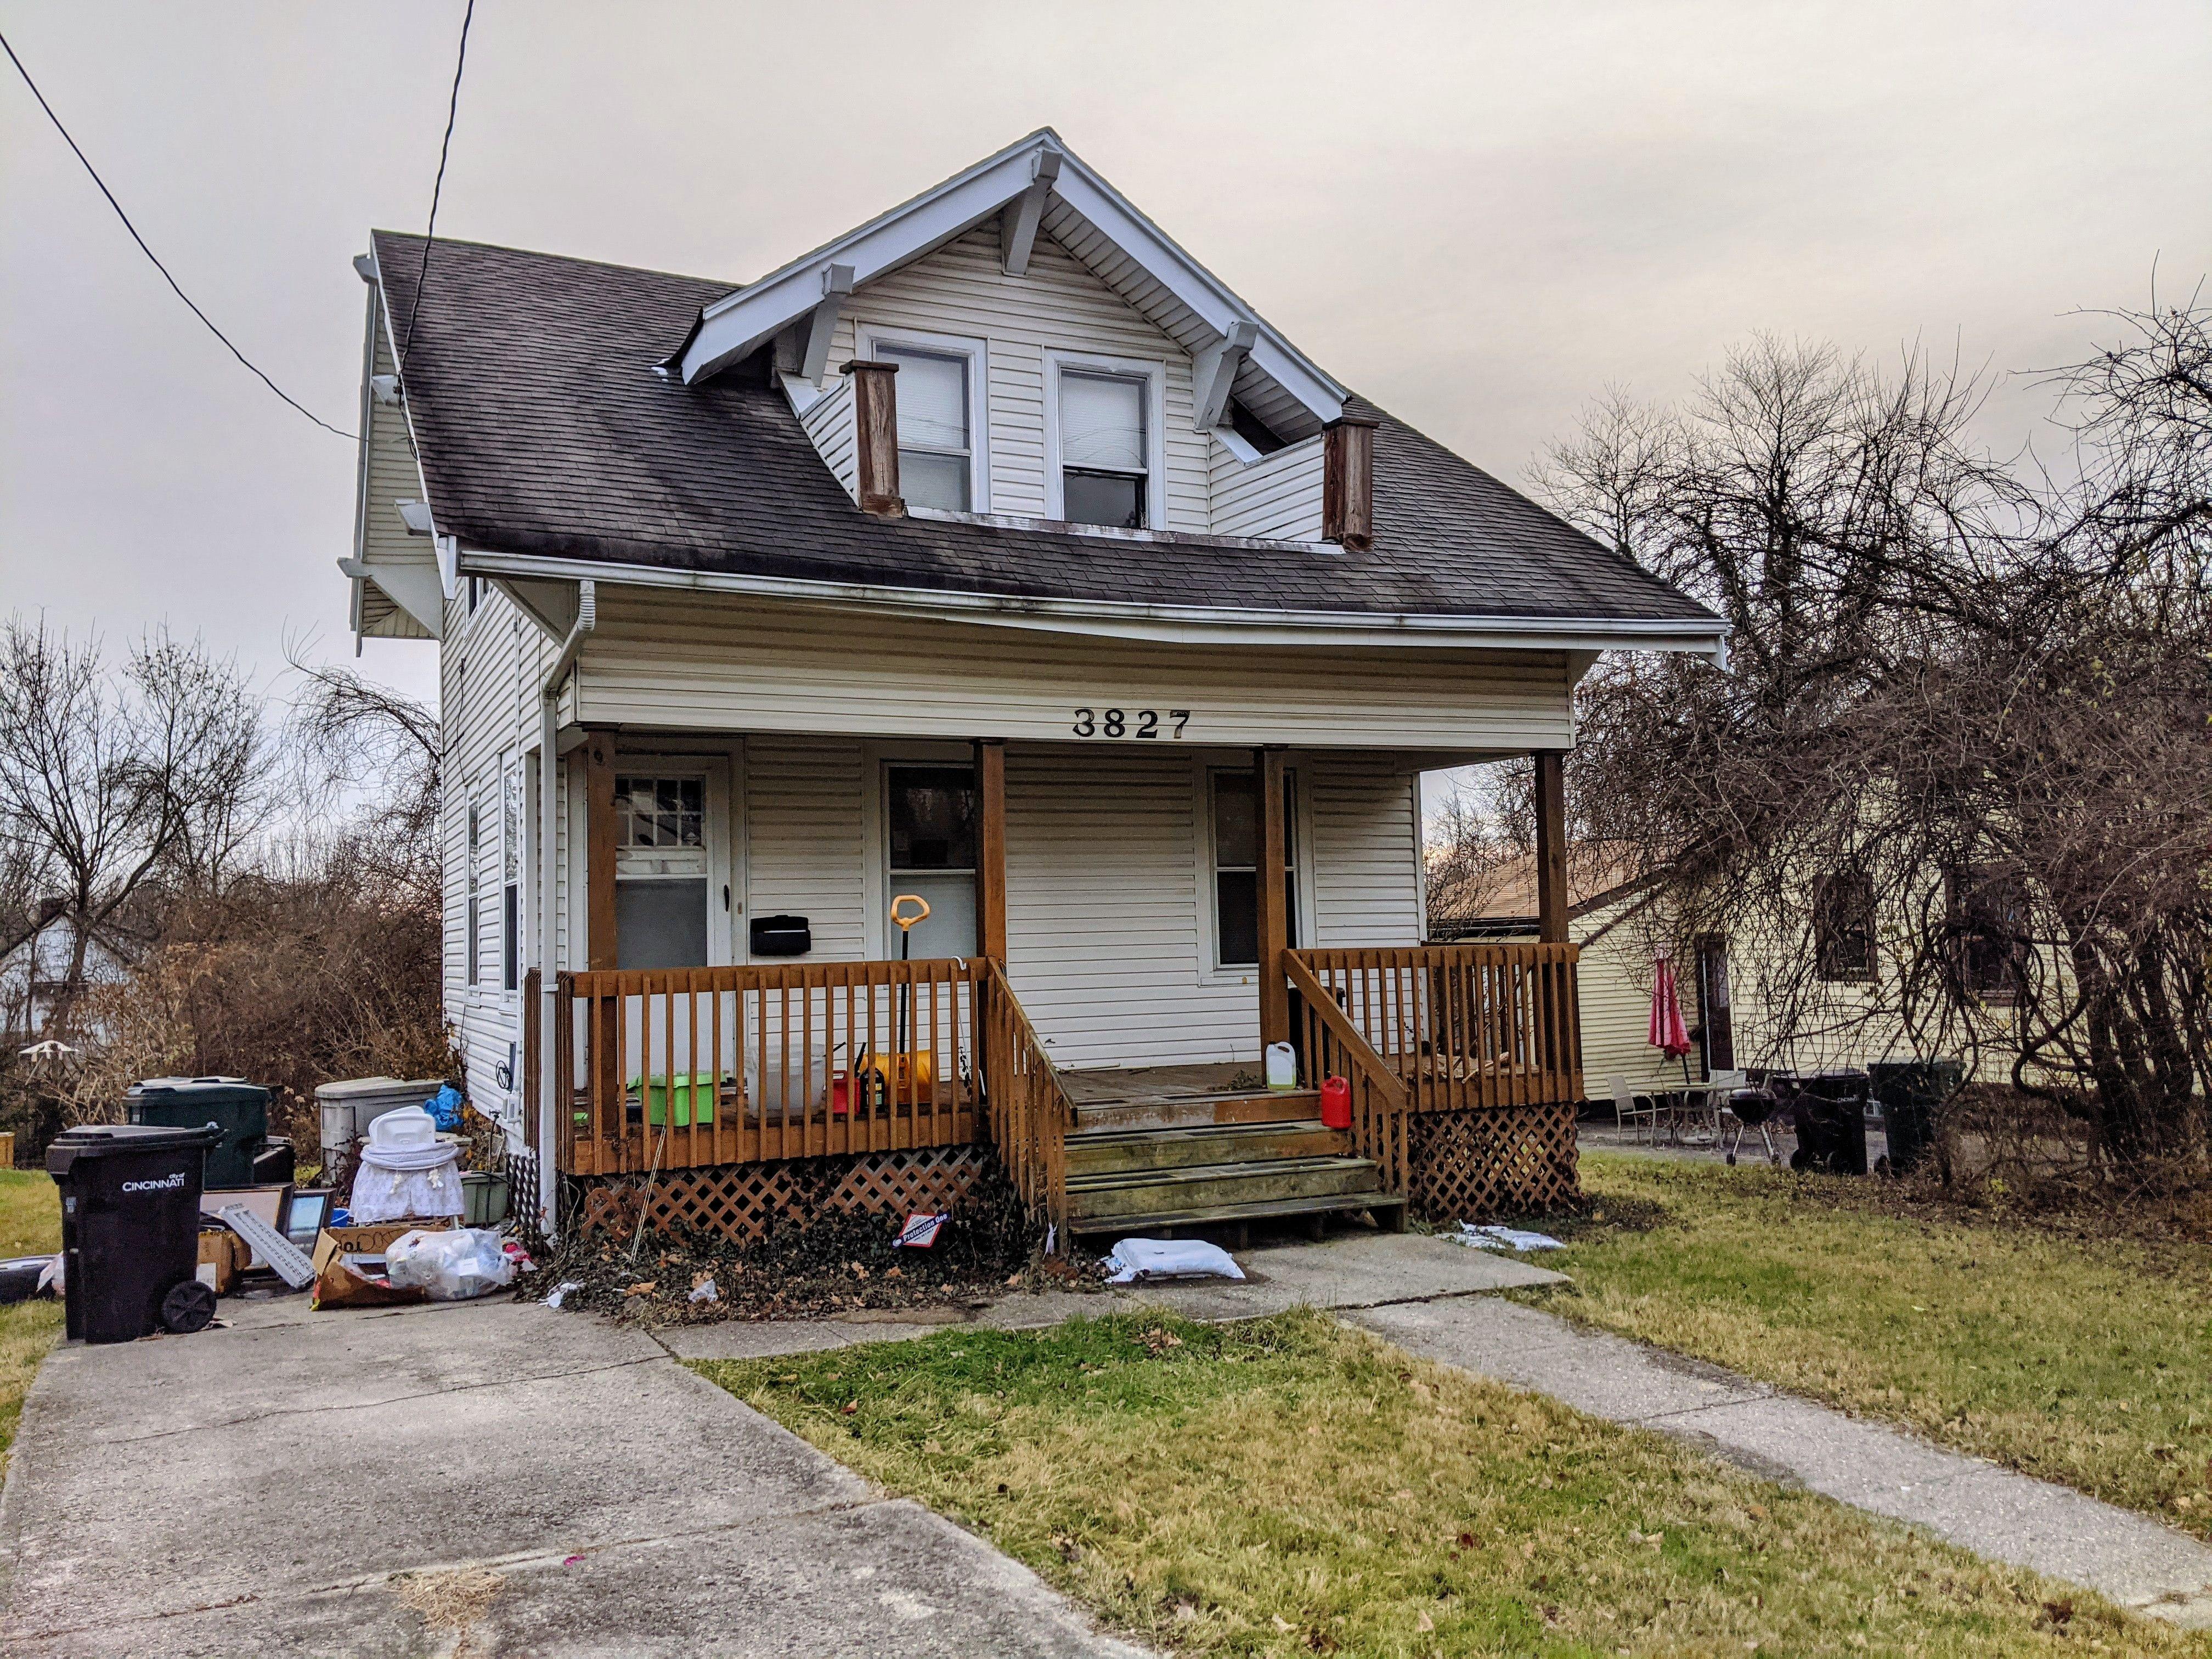 3827 Odin Ave, Cincinnati, OH